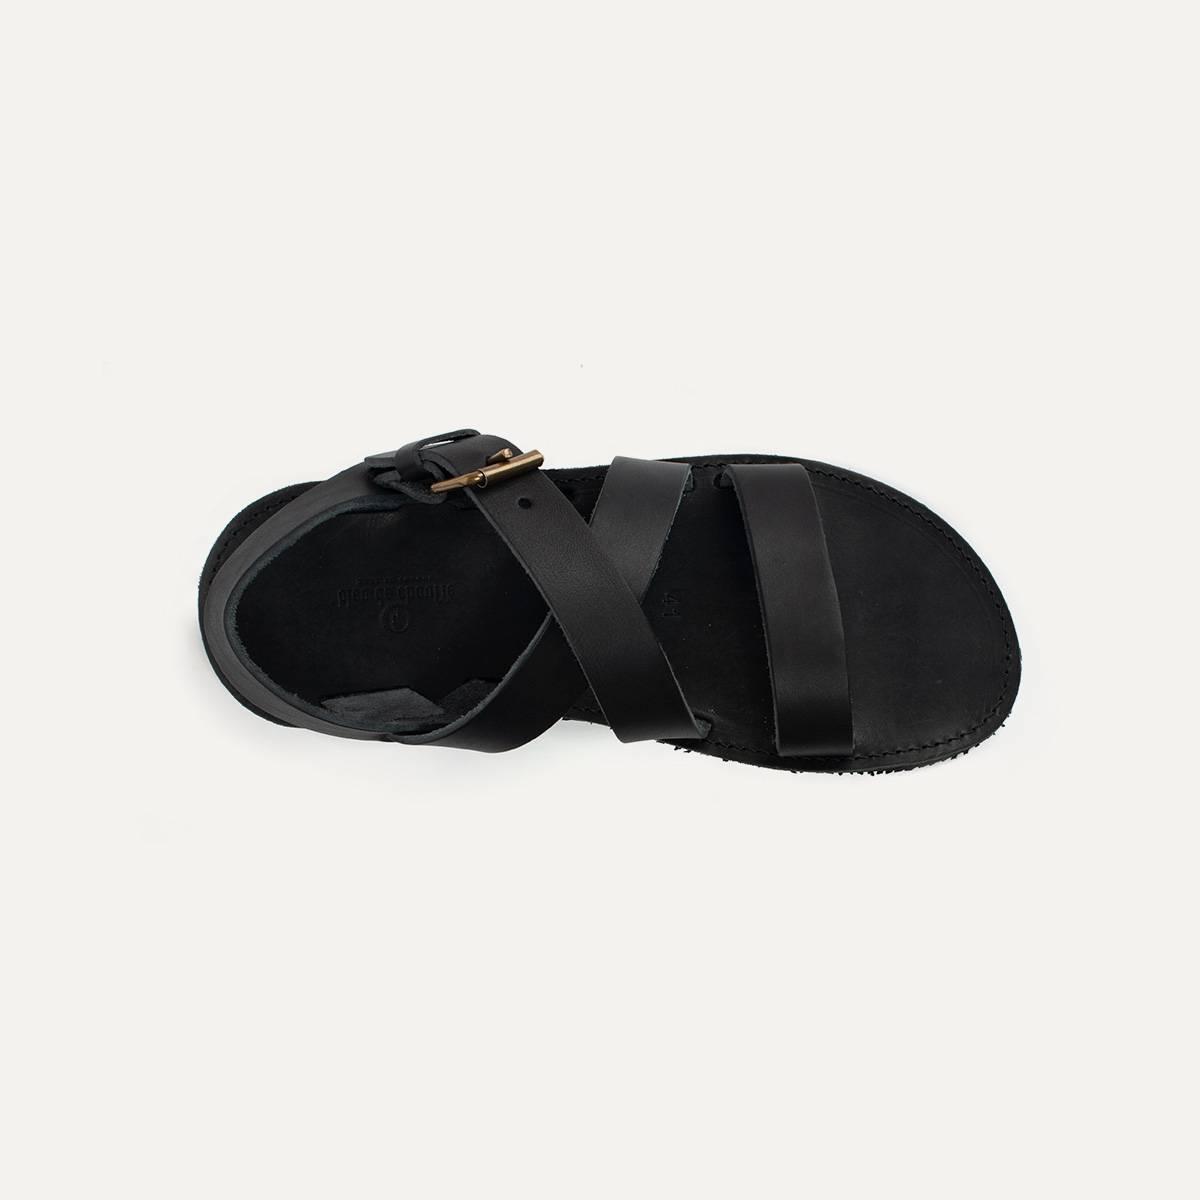 Iwate leather sandals - Black (image n°4)